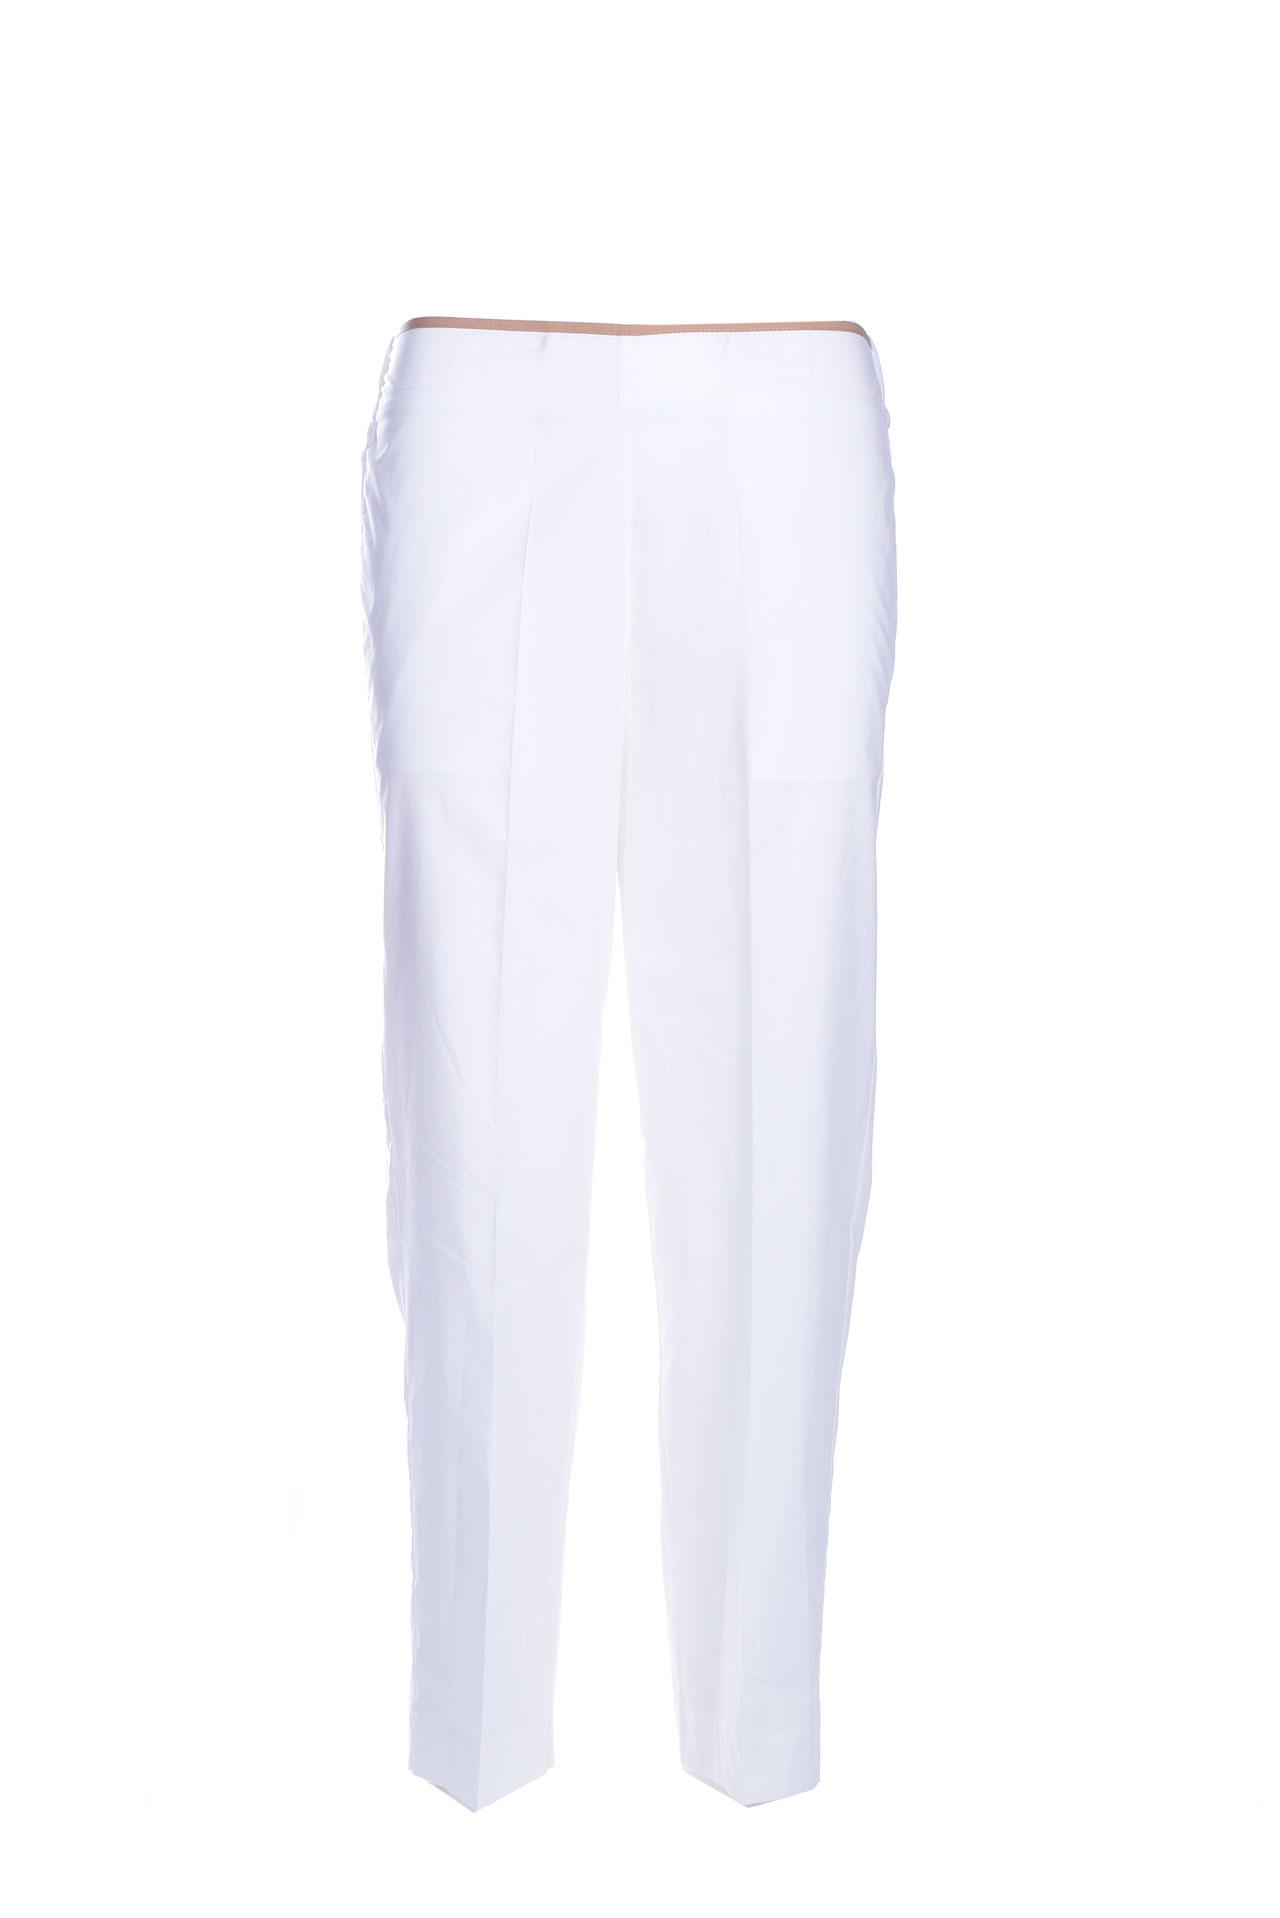 Cigarette trousers in cotton poplin JUCCA | Pants | J3314139001